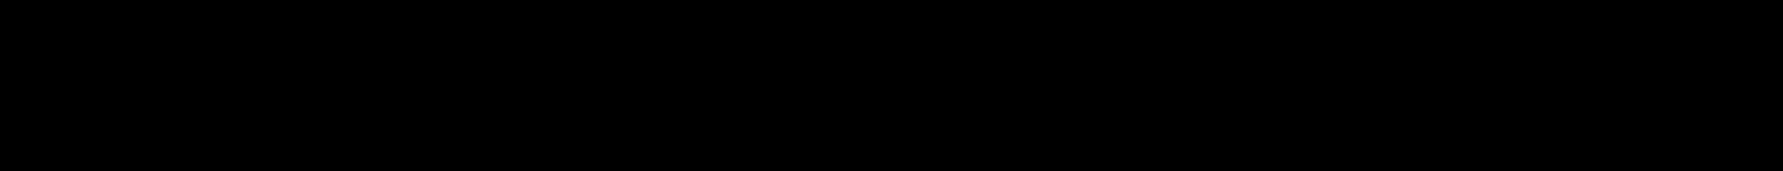 Tetris Fonts Fontspace